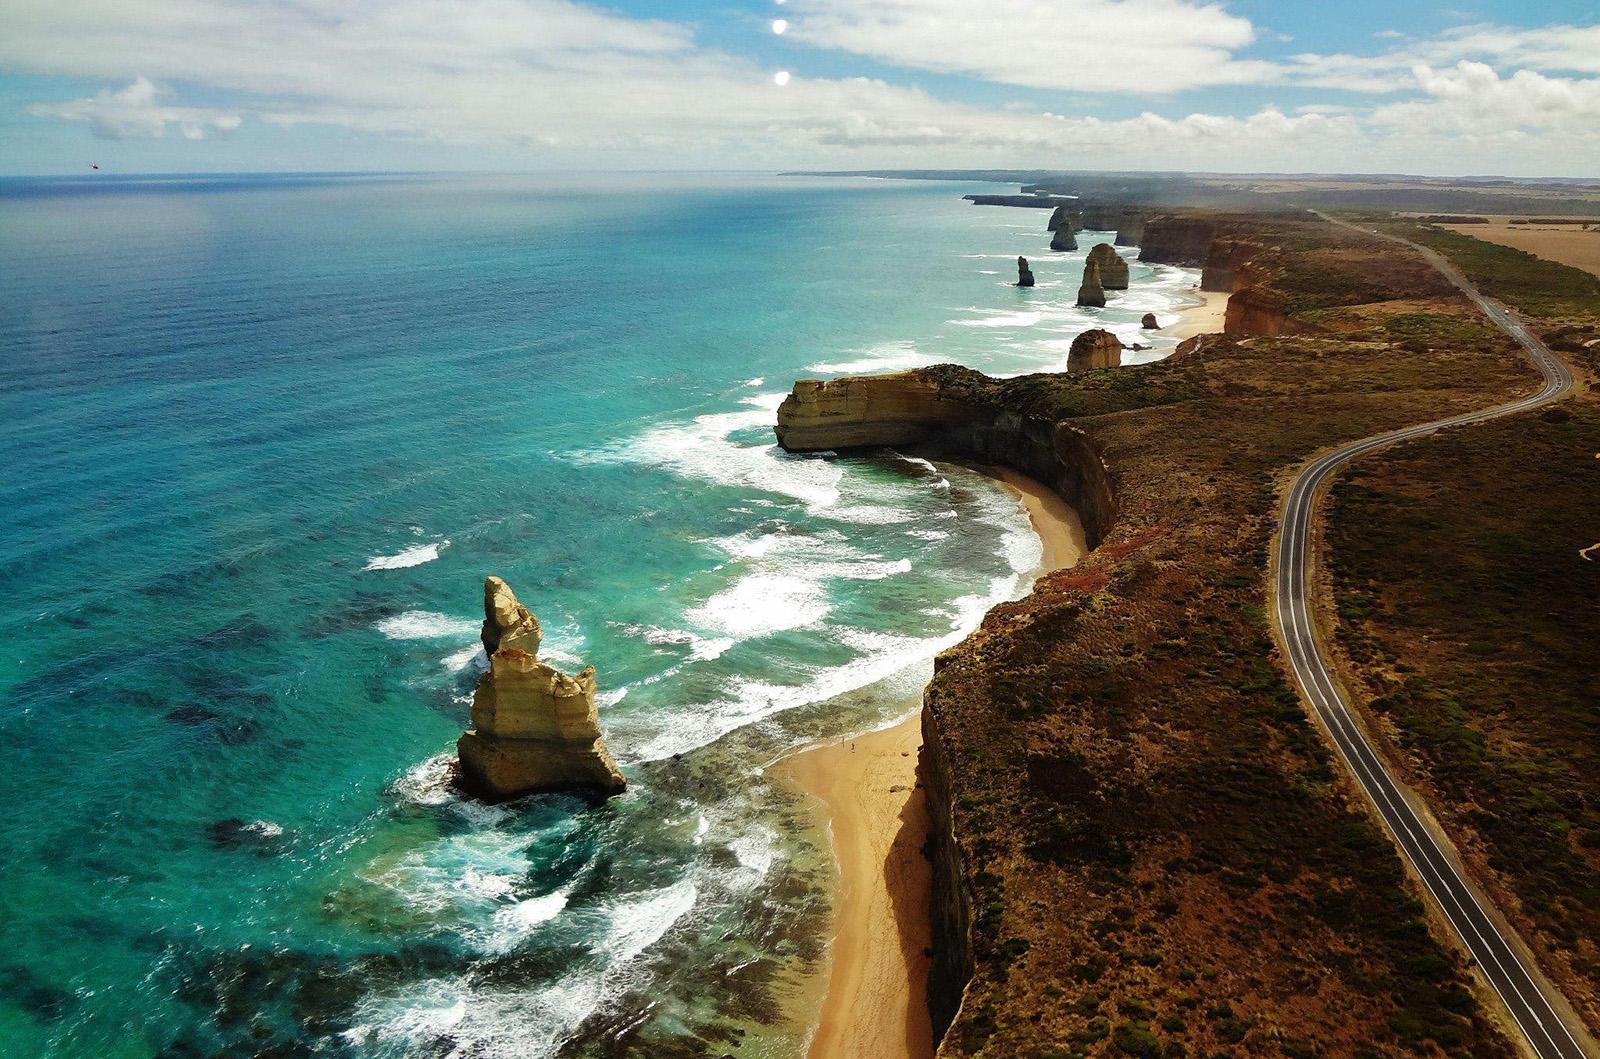 Great-Ocean-Road-Australia Road Trip